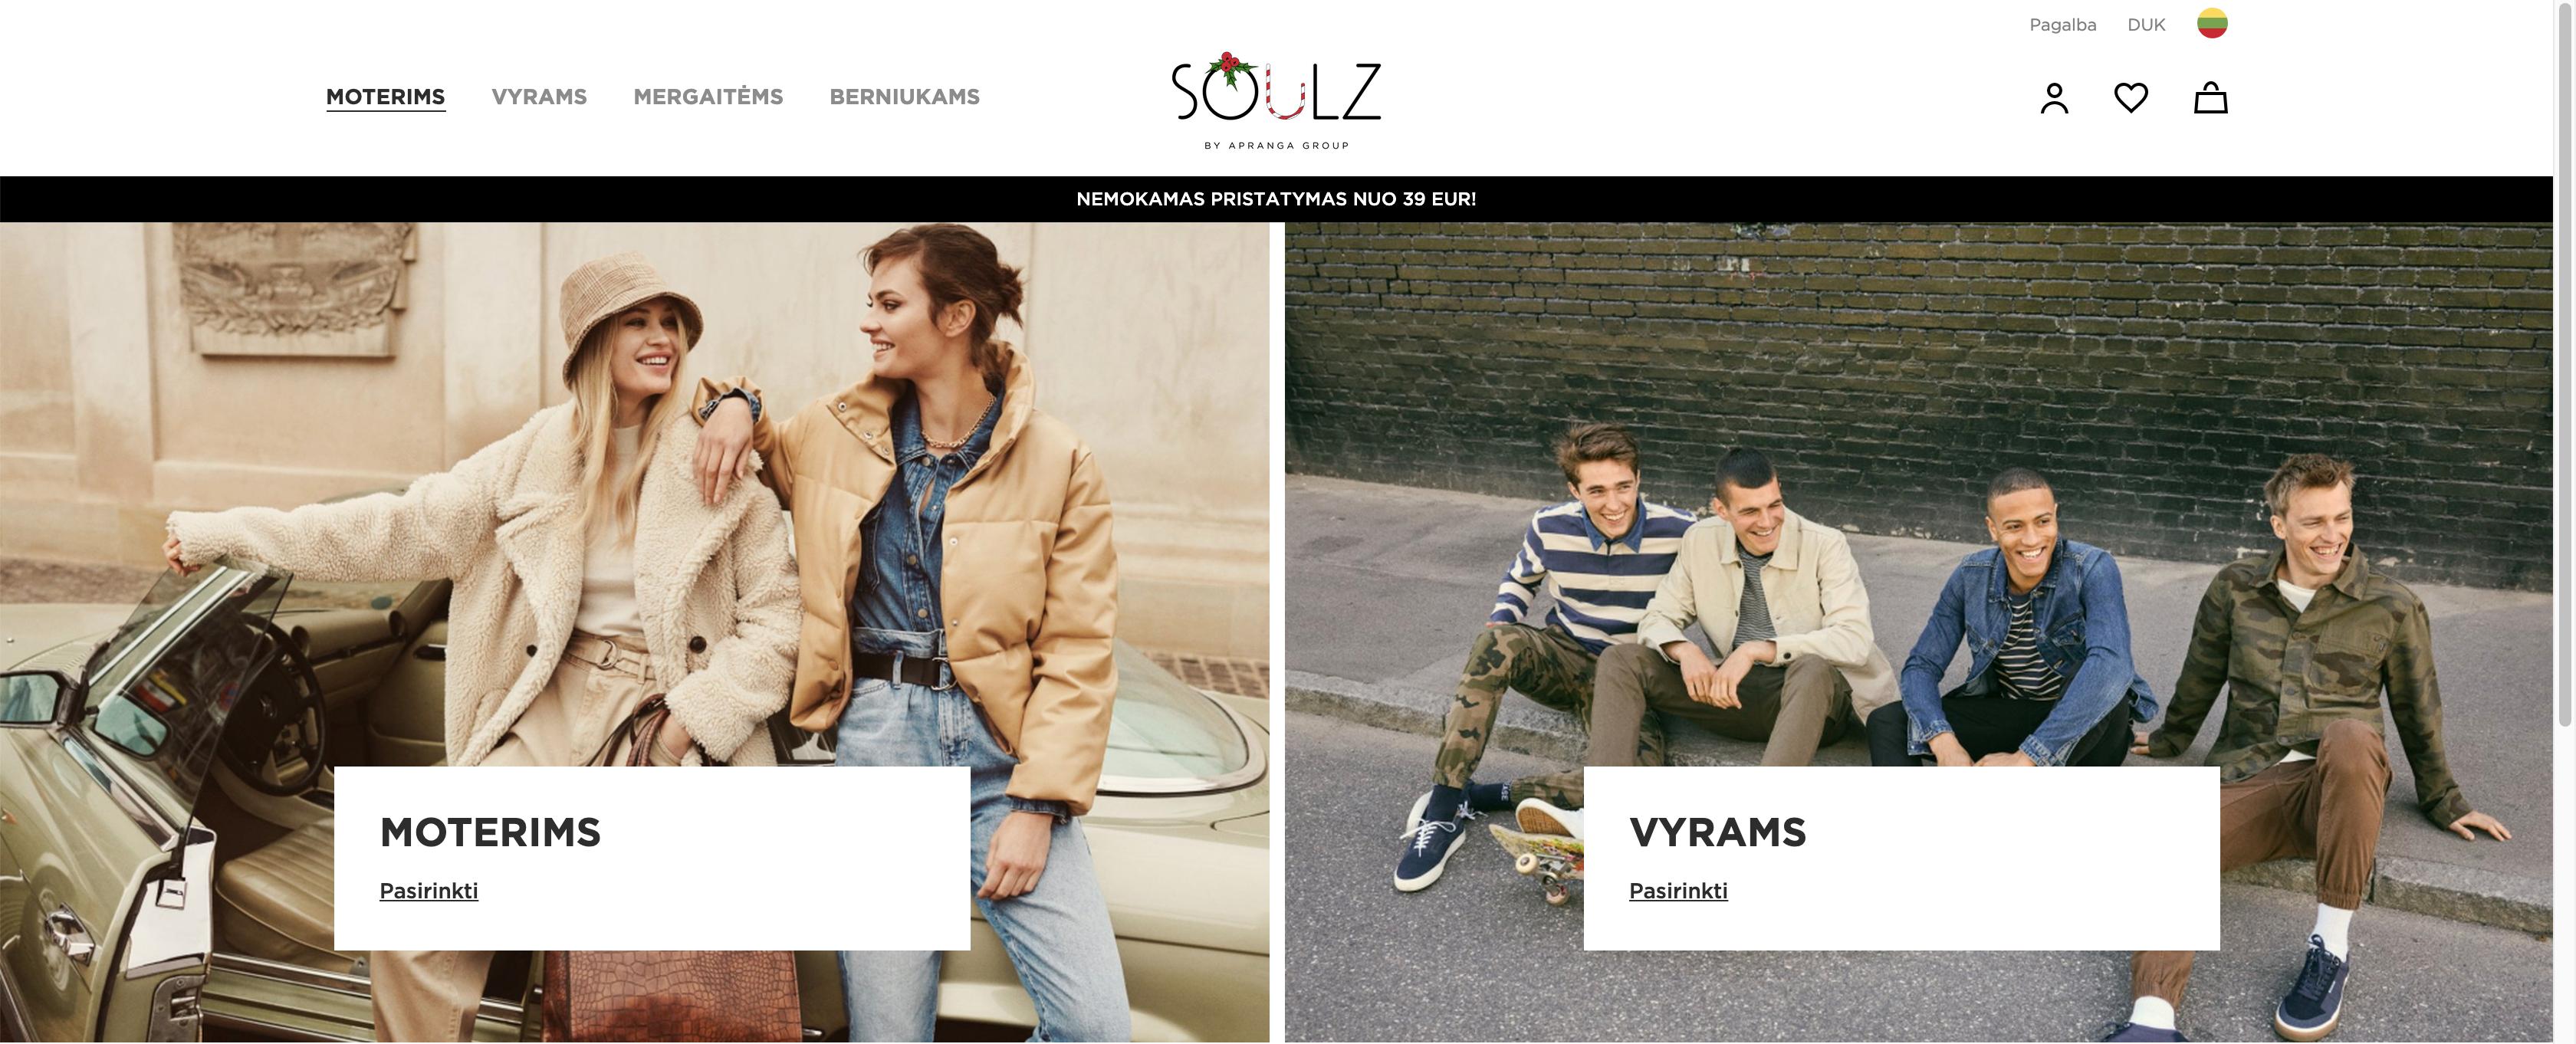 Soulz